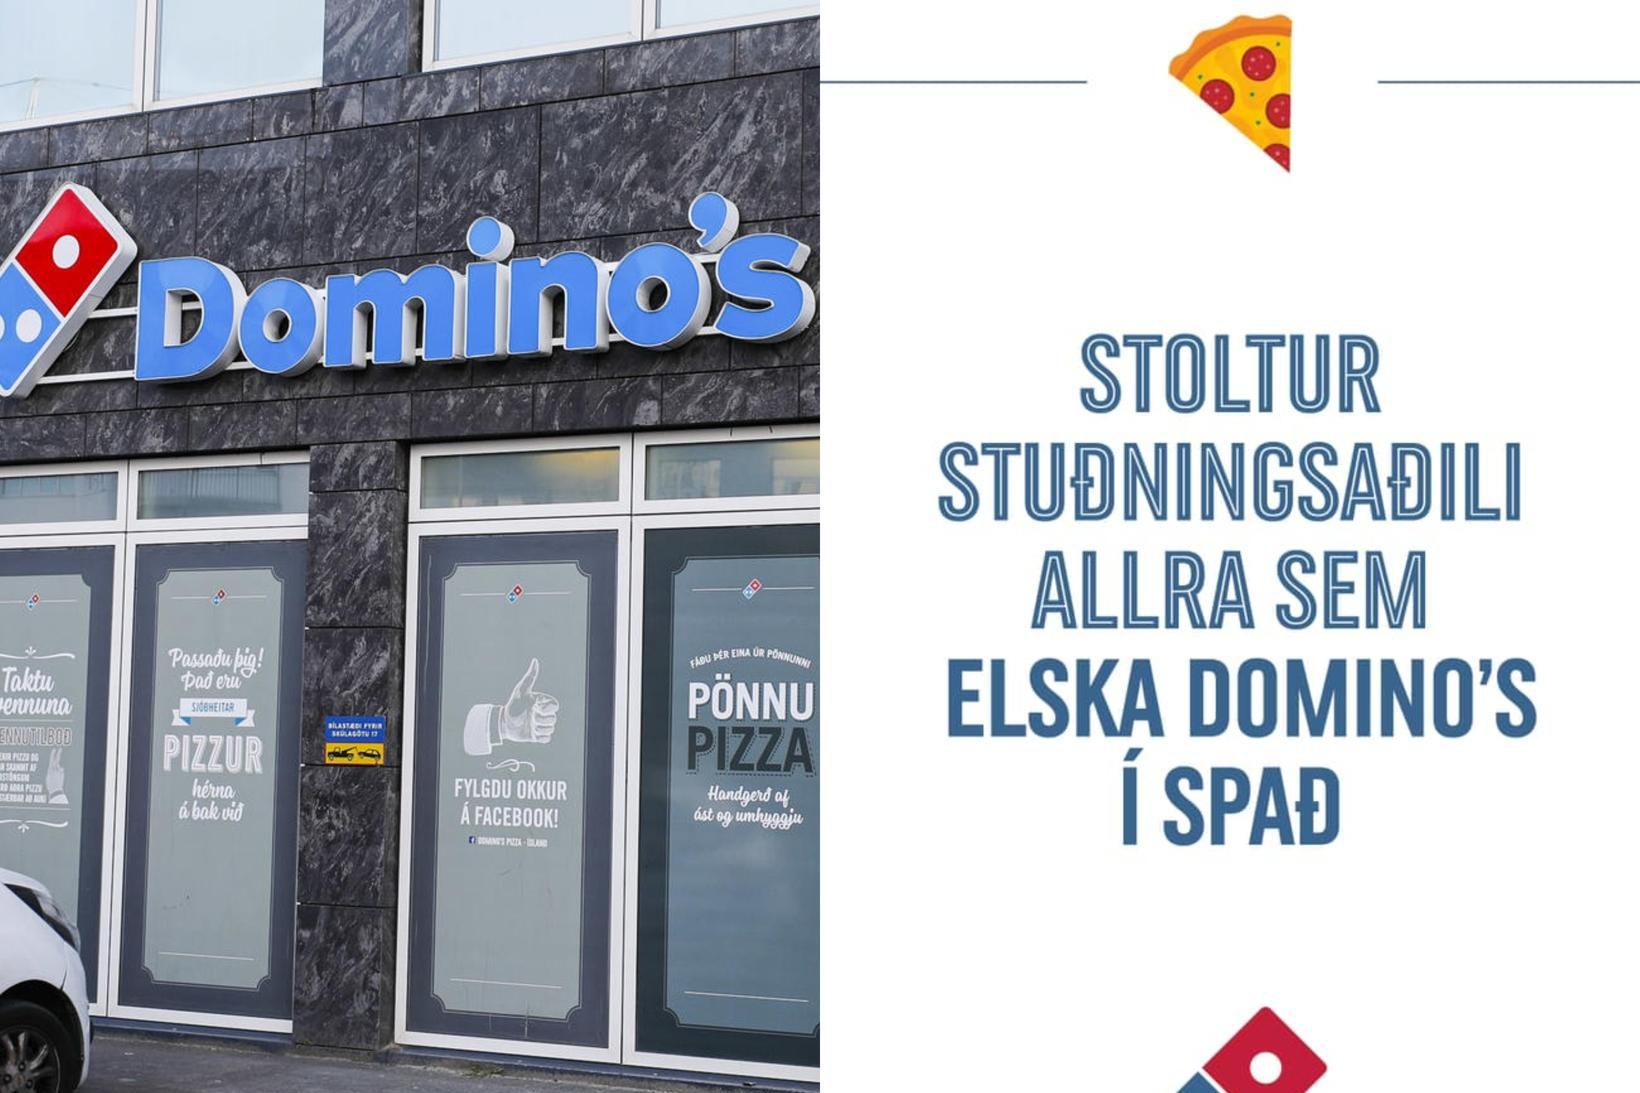 Auglýsingin birtist á samfélagsmiðlum Domino's á Íslandi í kvöld.